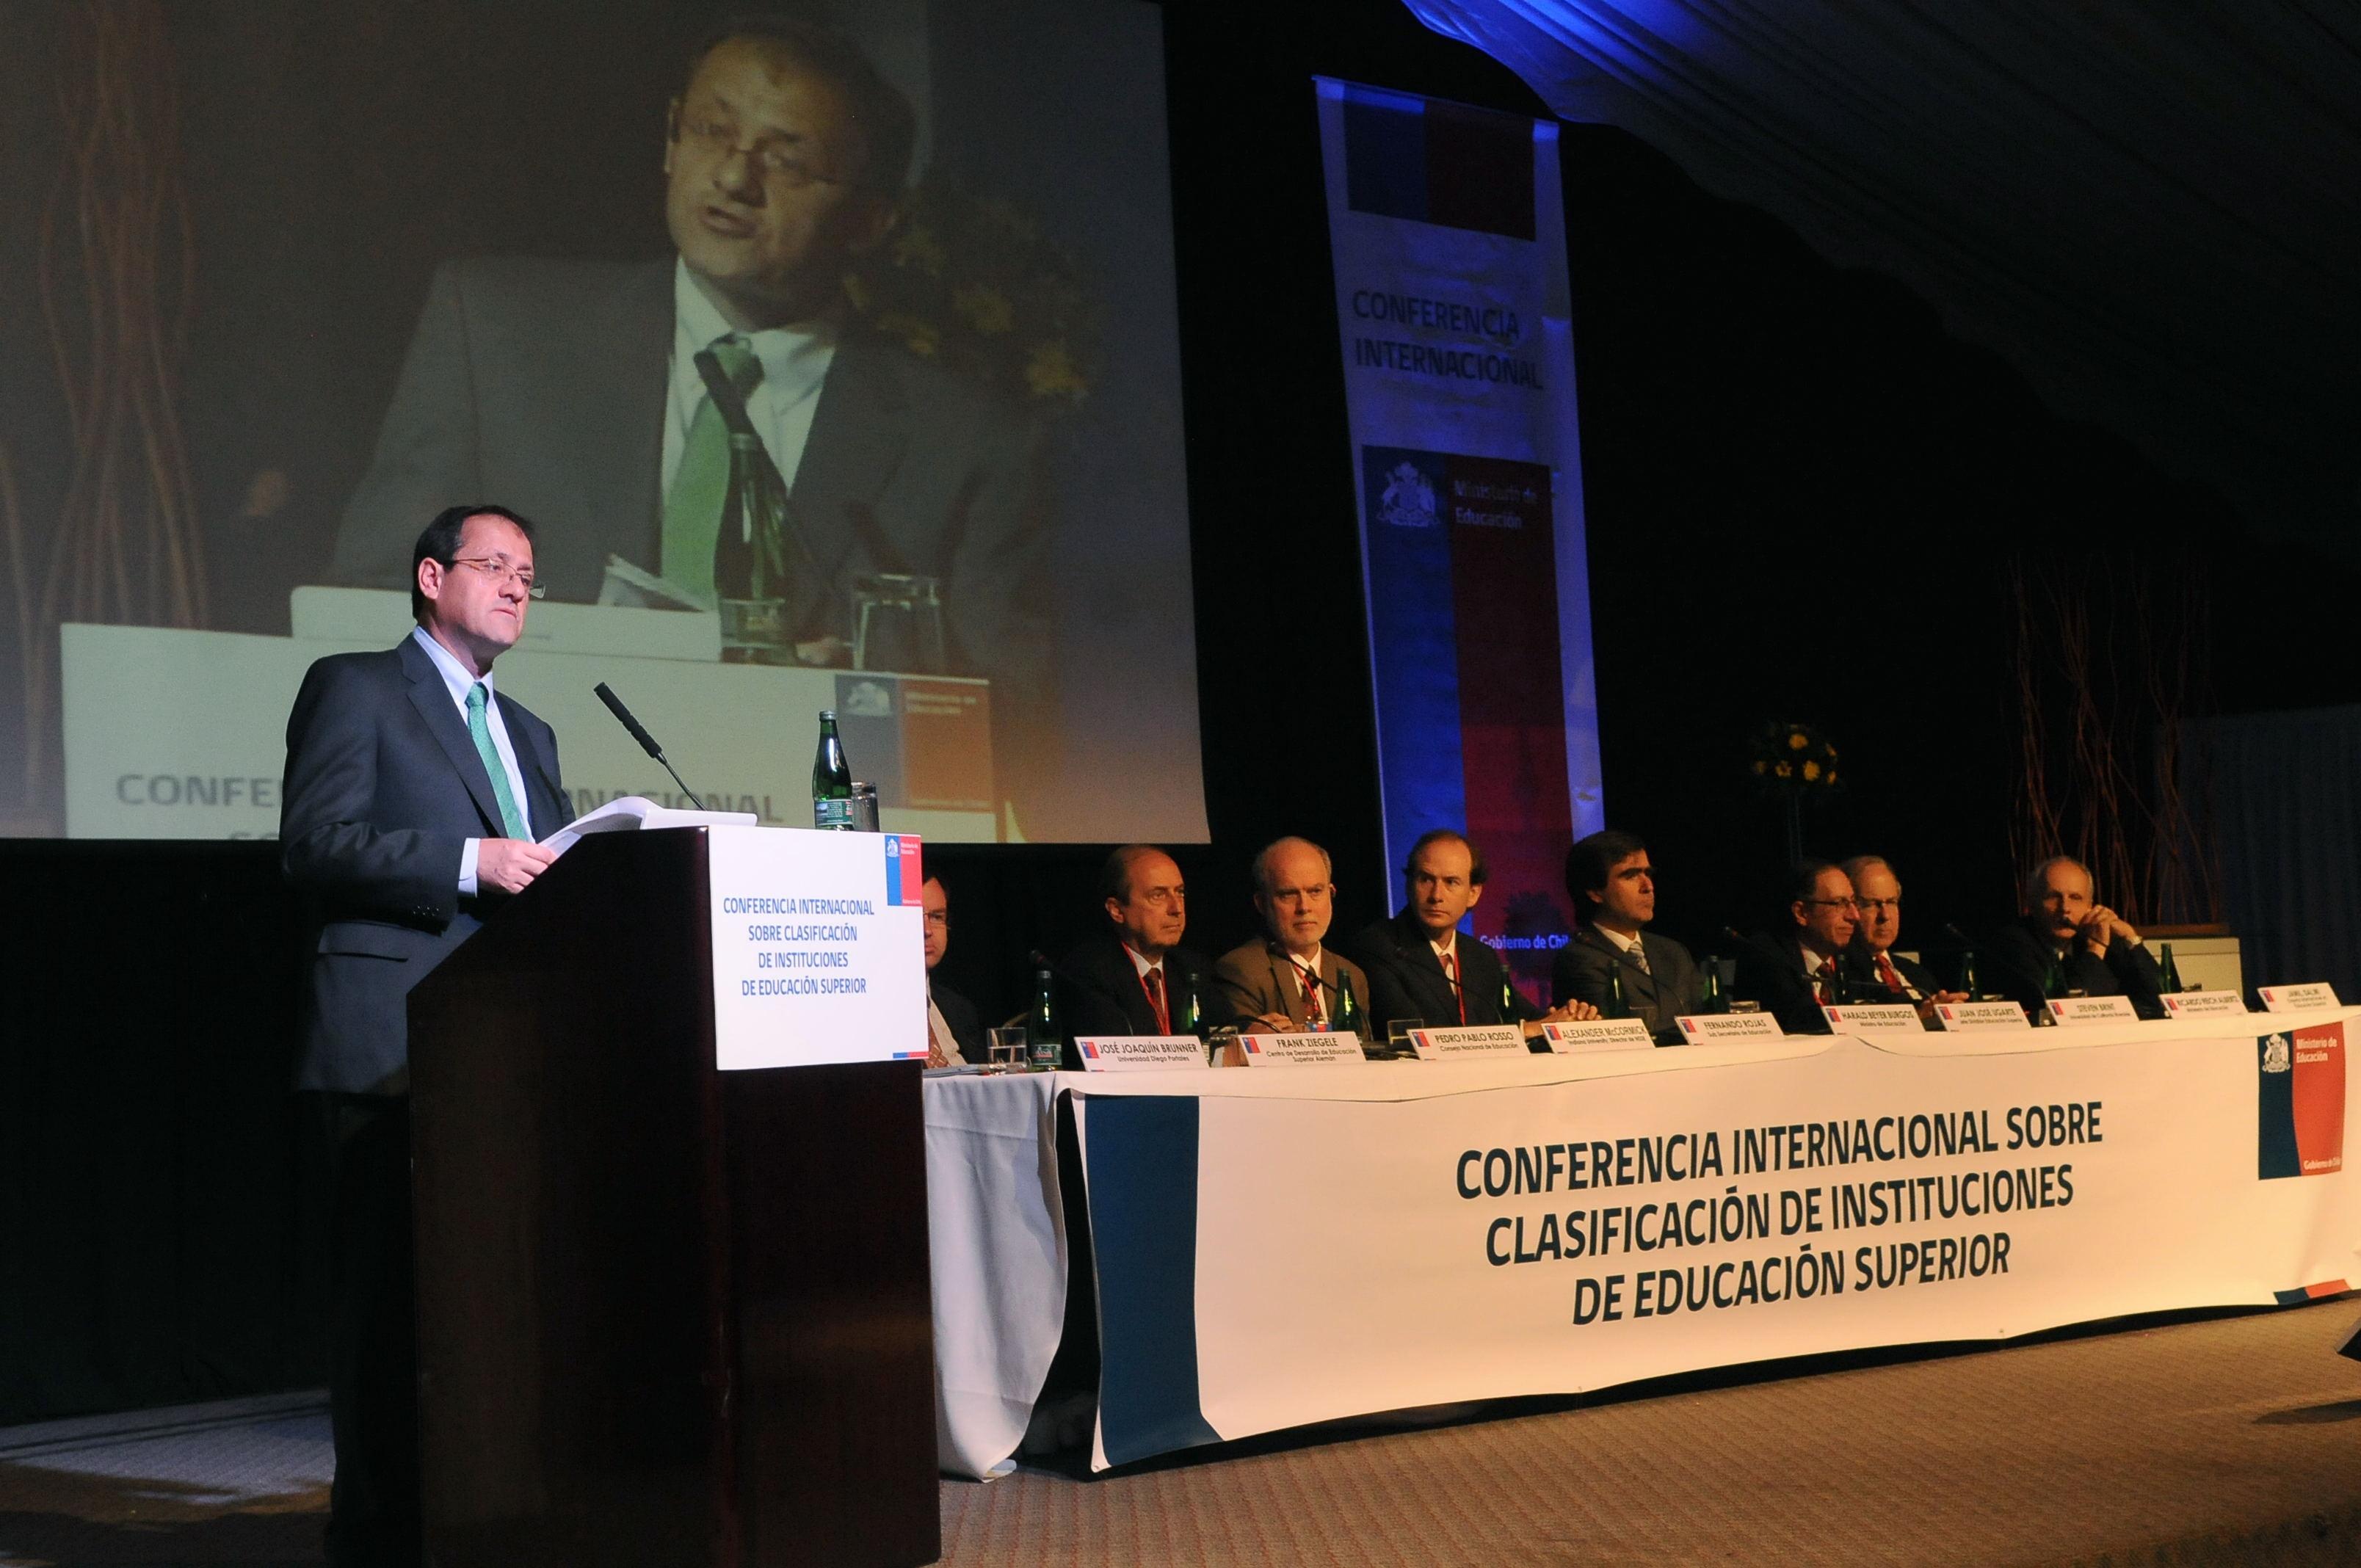 foto ministro conferencia